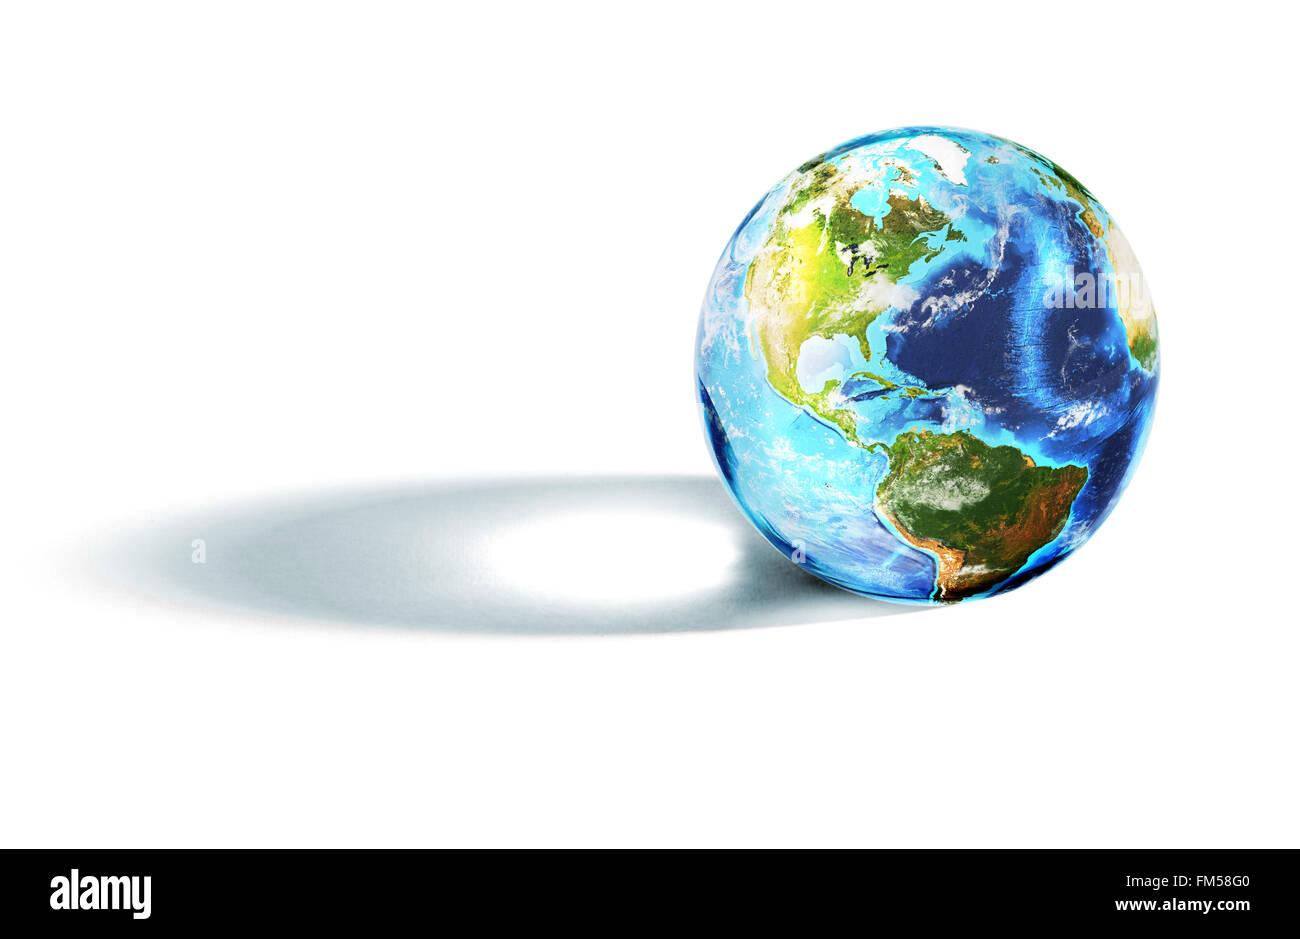 Bunte Weltglobus vertreten die Erde wie einen künstlerische Seite Schatten Stockbild